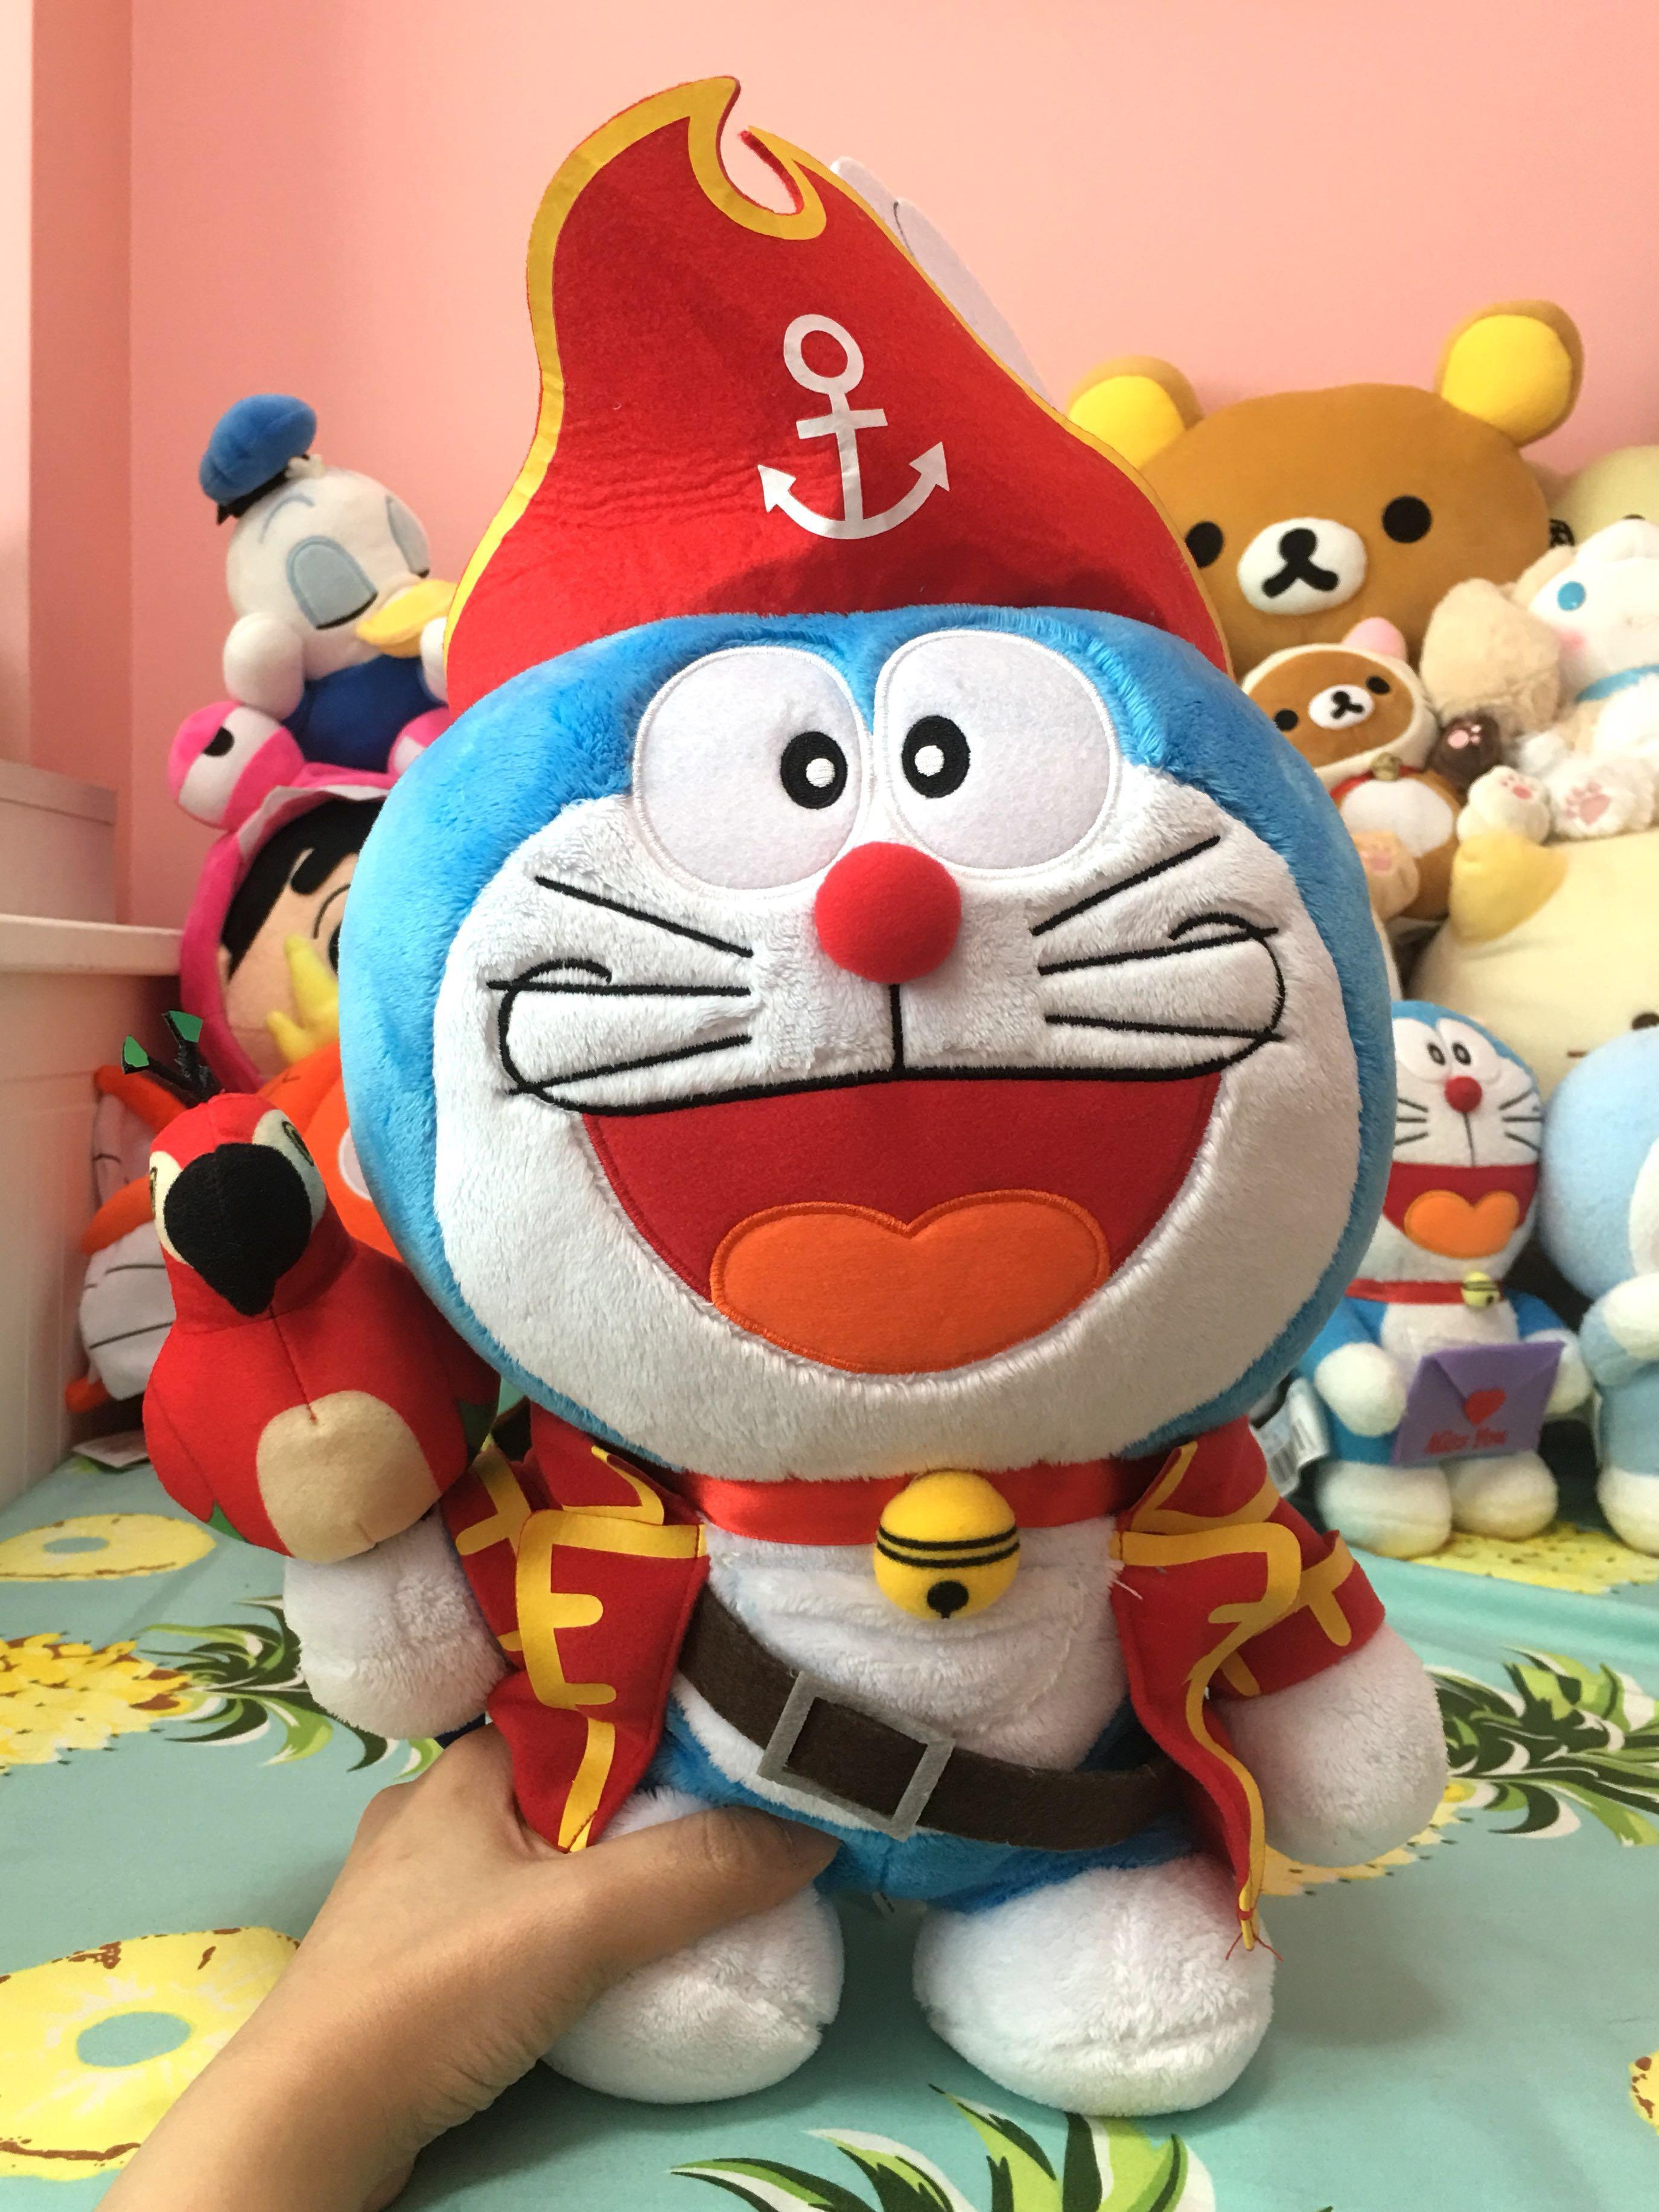 Pirate Doraemon Plush Toys Games Stuffed Toys On Carousell